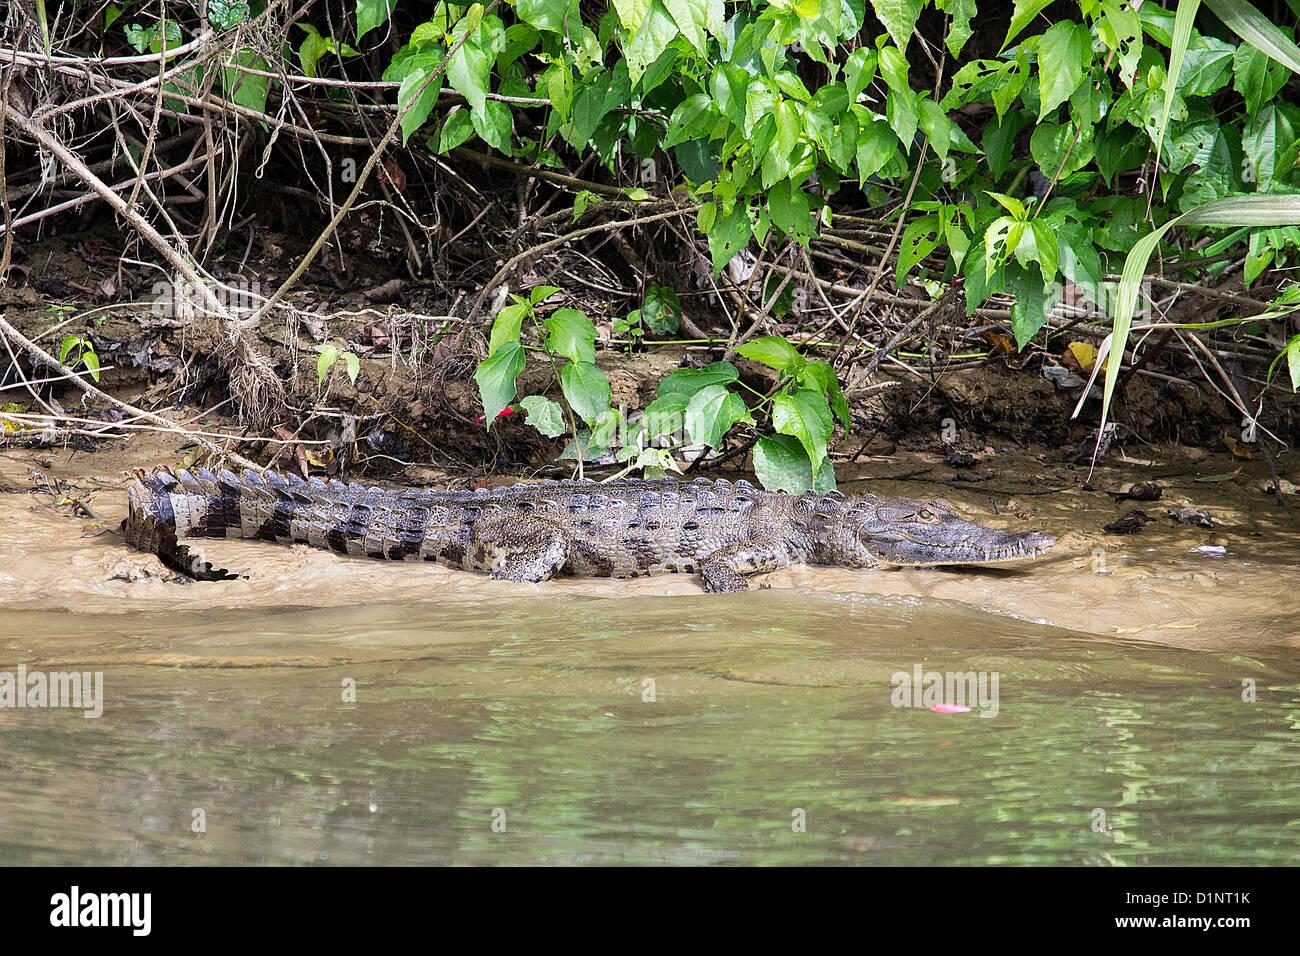 Crocodile (Crocodylidae) - Stock Image